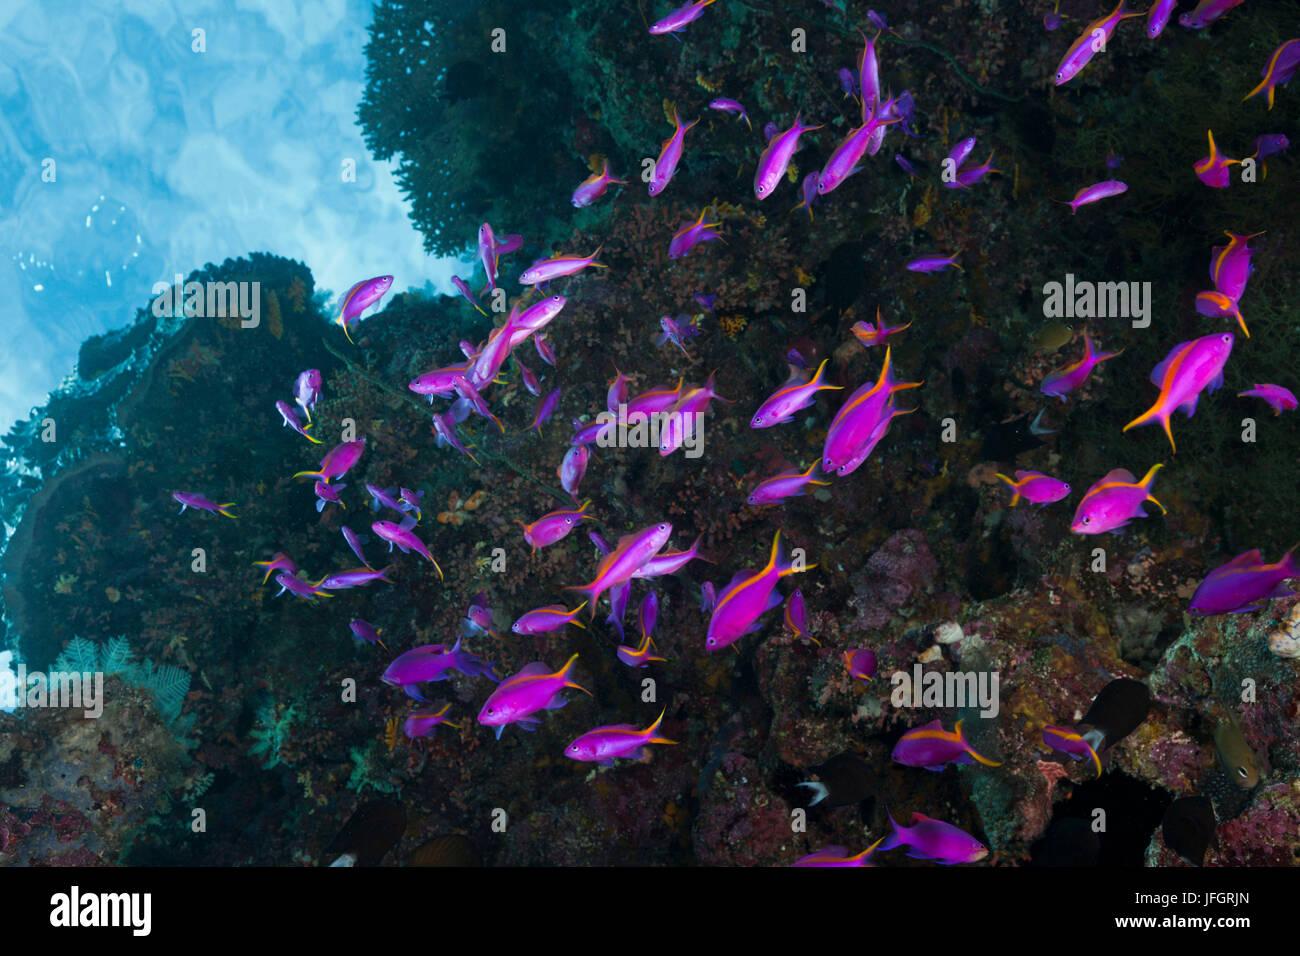 Tuka-flag perches, Pseudanthias cf tuka, Marovo lagoon, the Solomon Islands - Stock Image